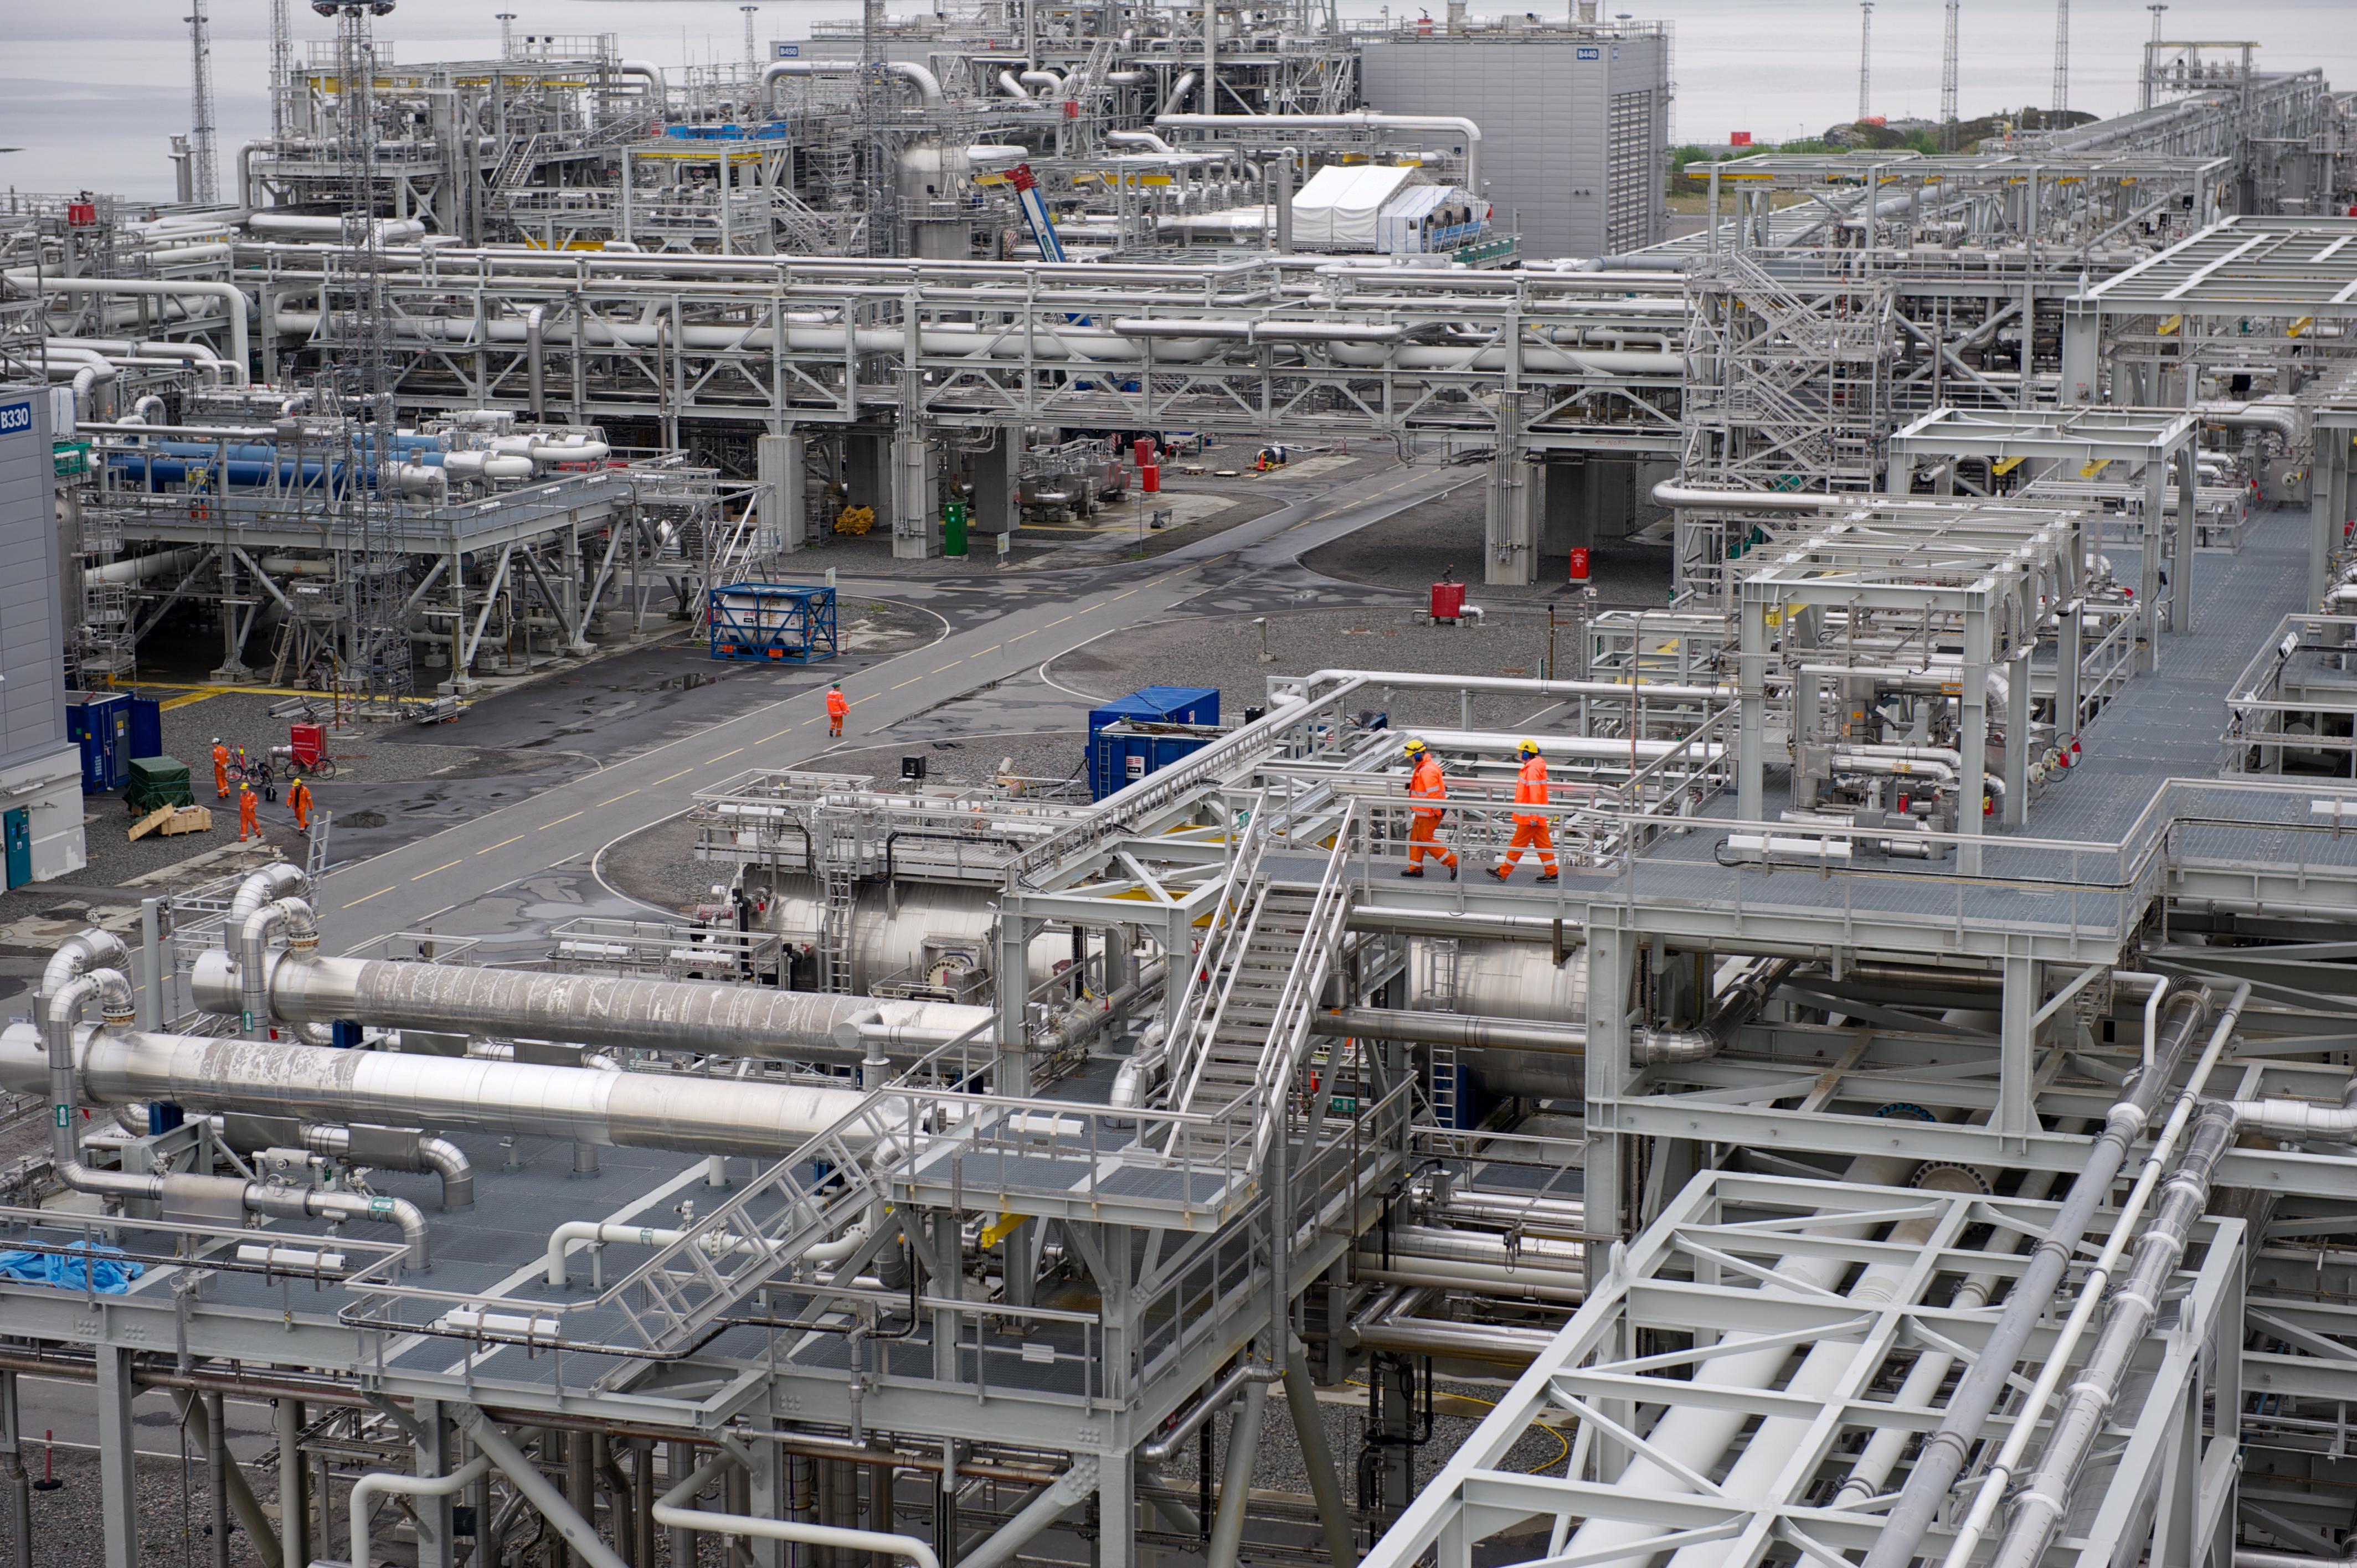 Bilde av gassbehandlingsanlegget på Hyhamna